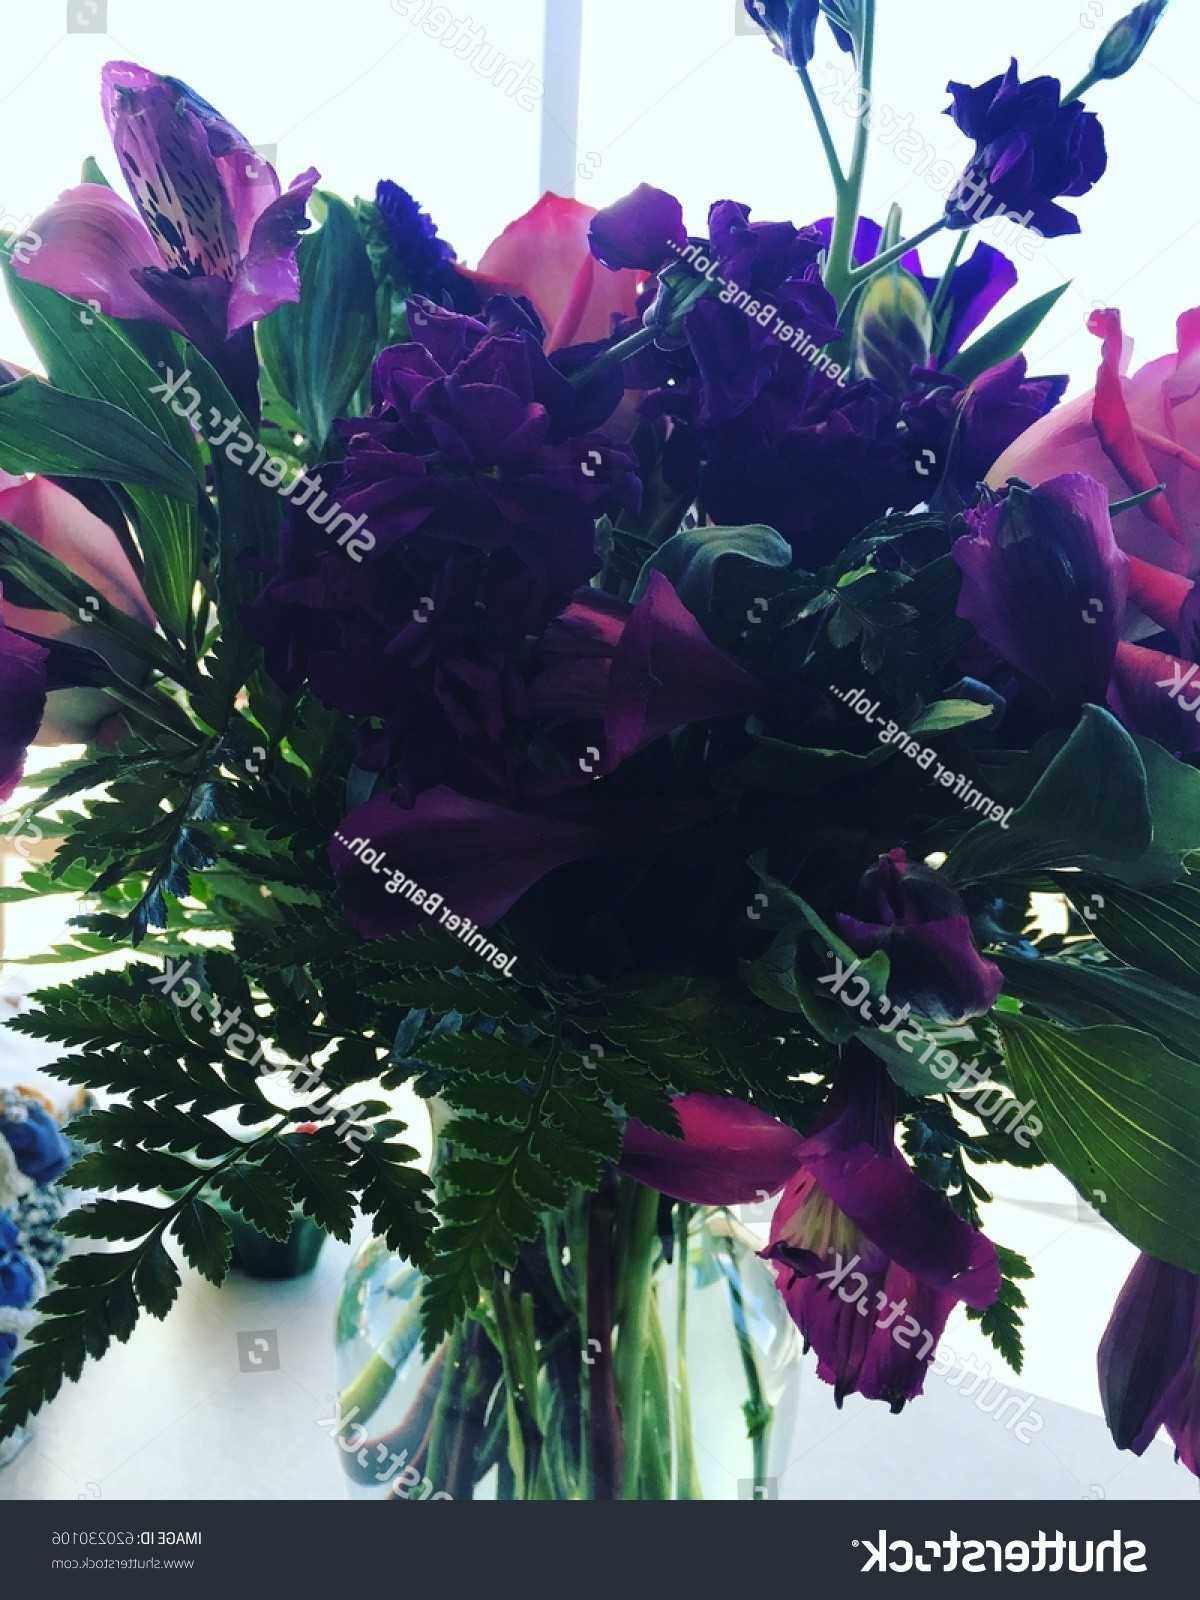 Flowers for Birthday Elegant Purple Flowers Vase H Vases In A Vasei 0d Wall Art for